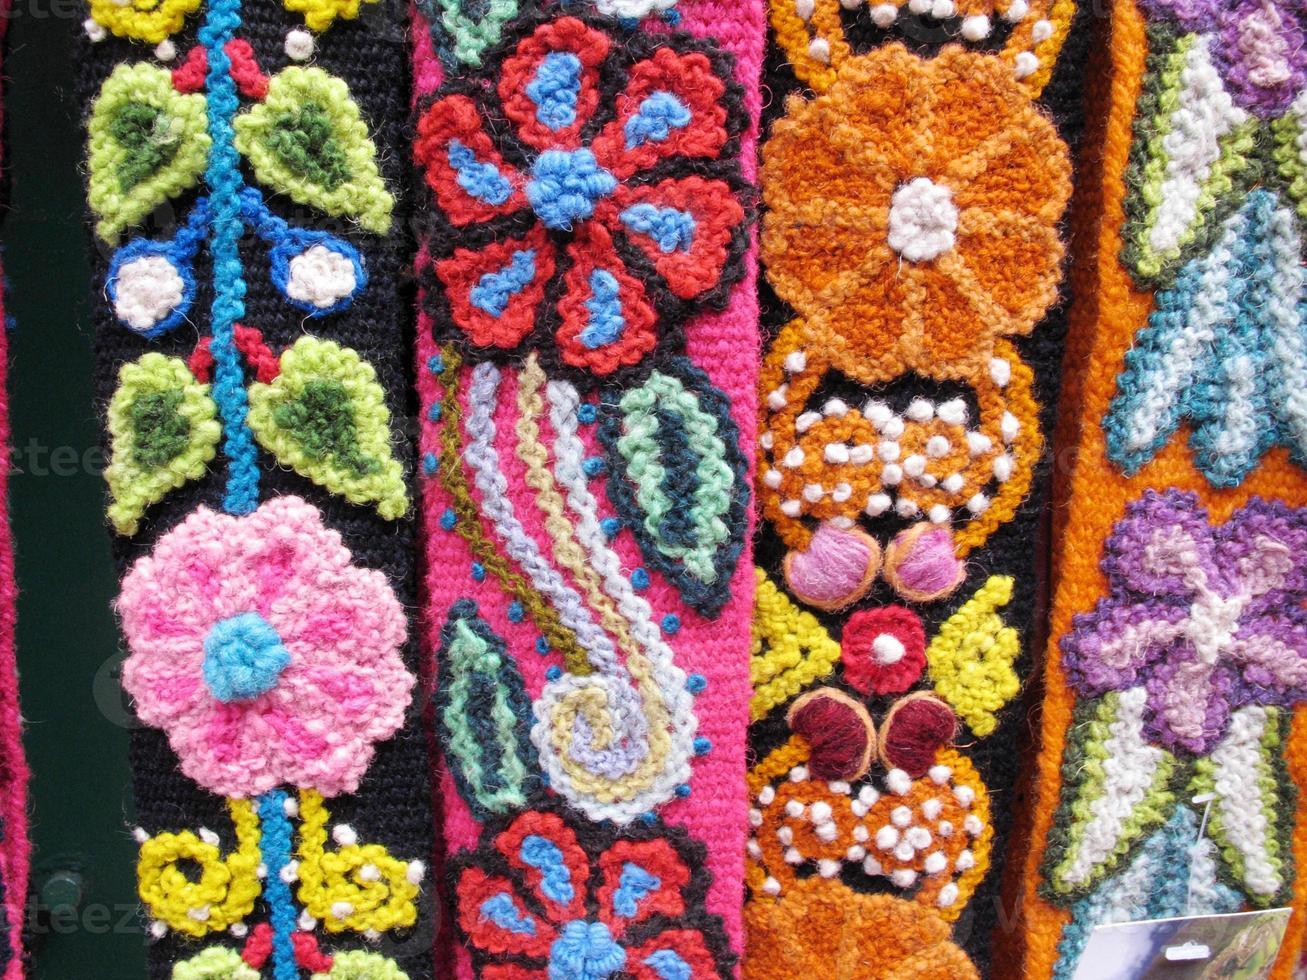 telas tejidas indias de américa del sur foto